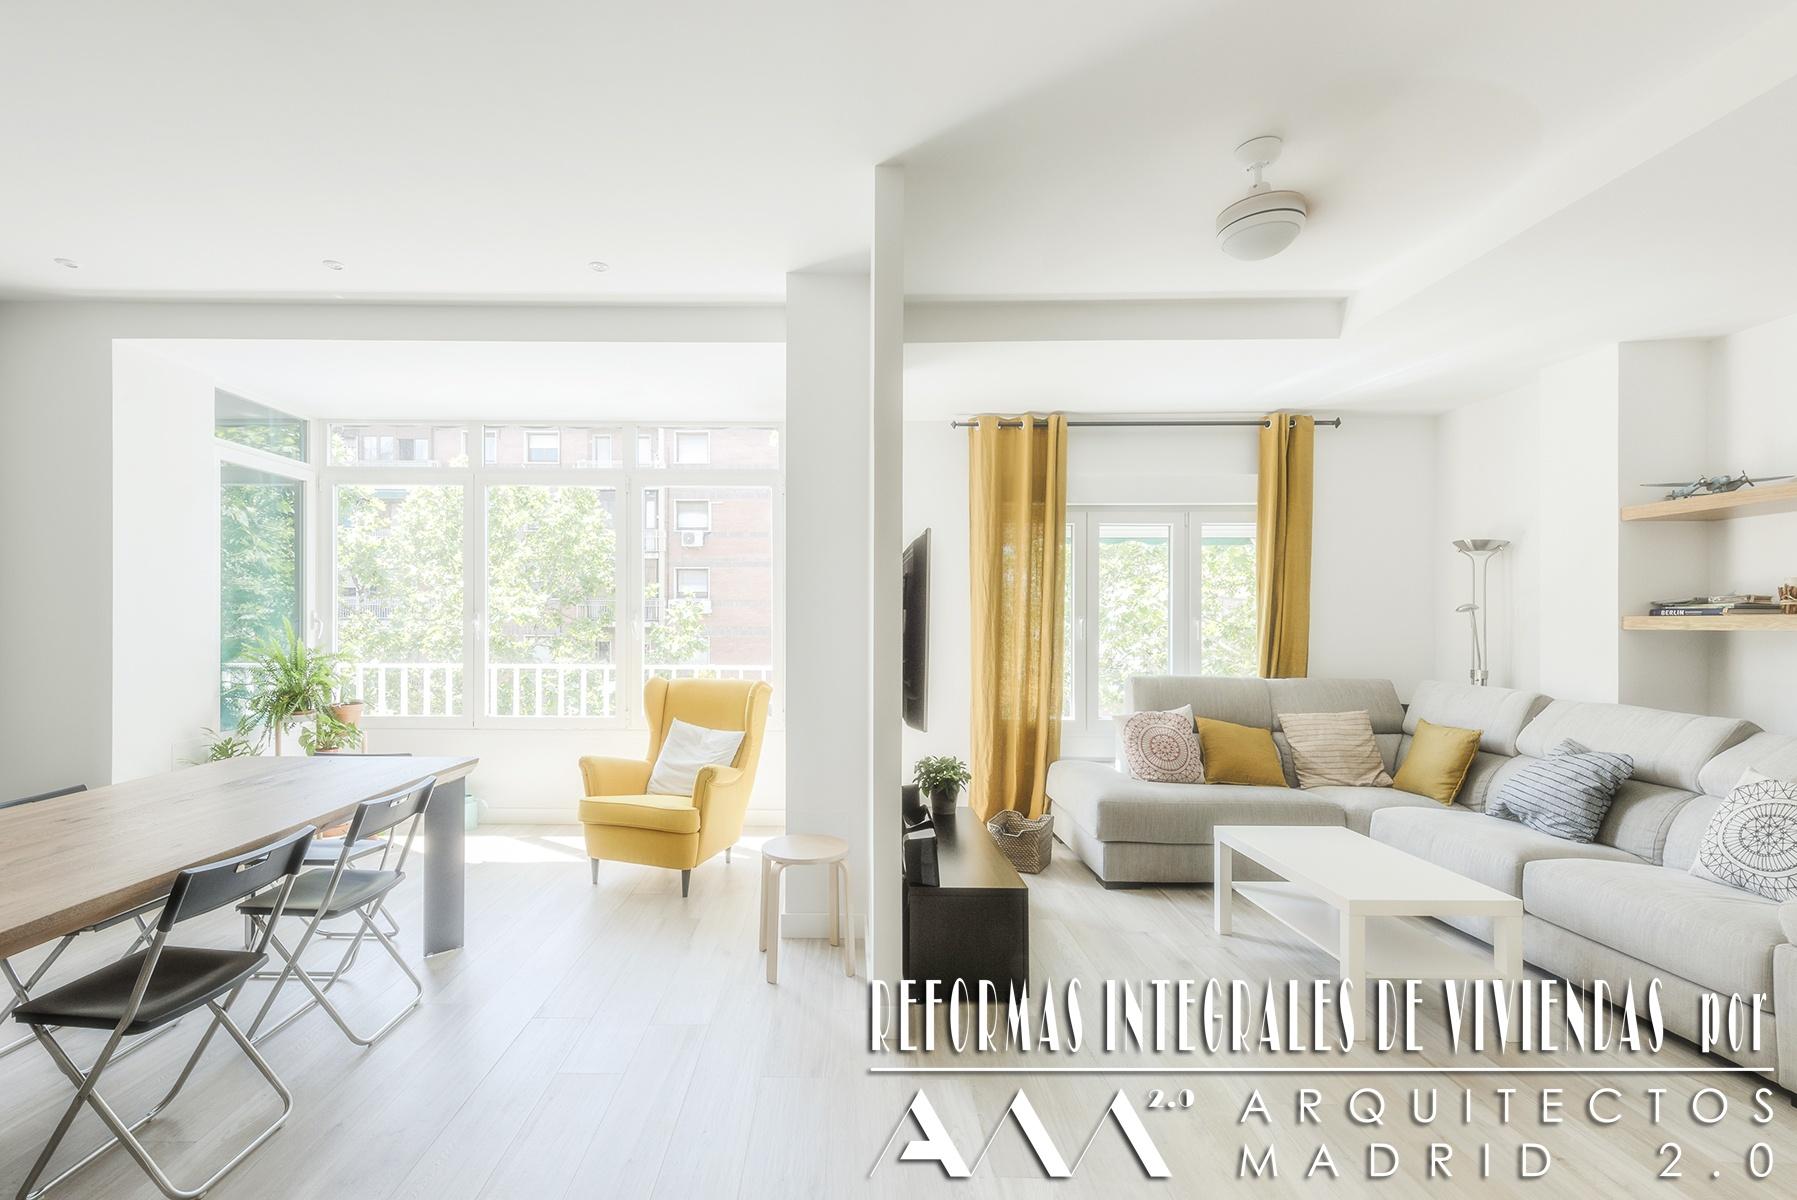 reformas-viviendas-proyectos-casas-pisos-apartamentos-arquitectos-madrid-6